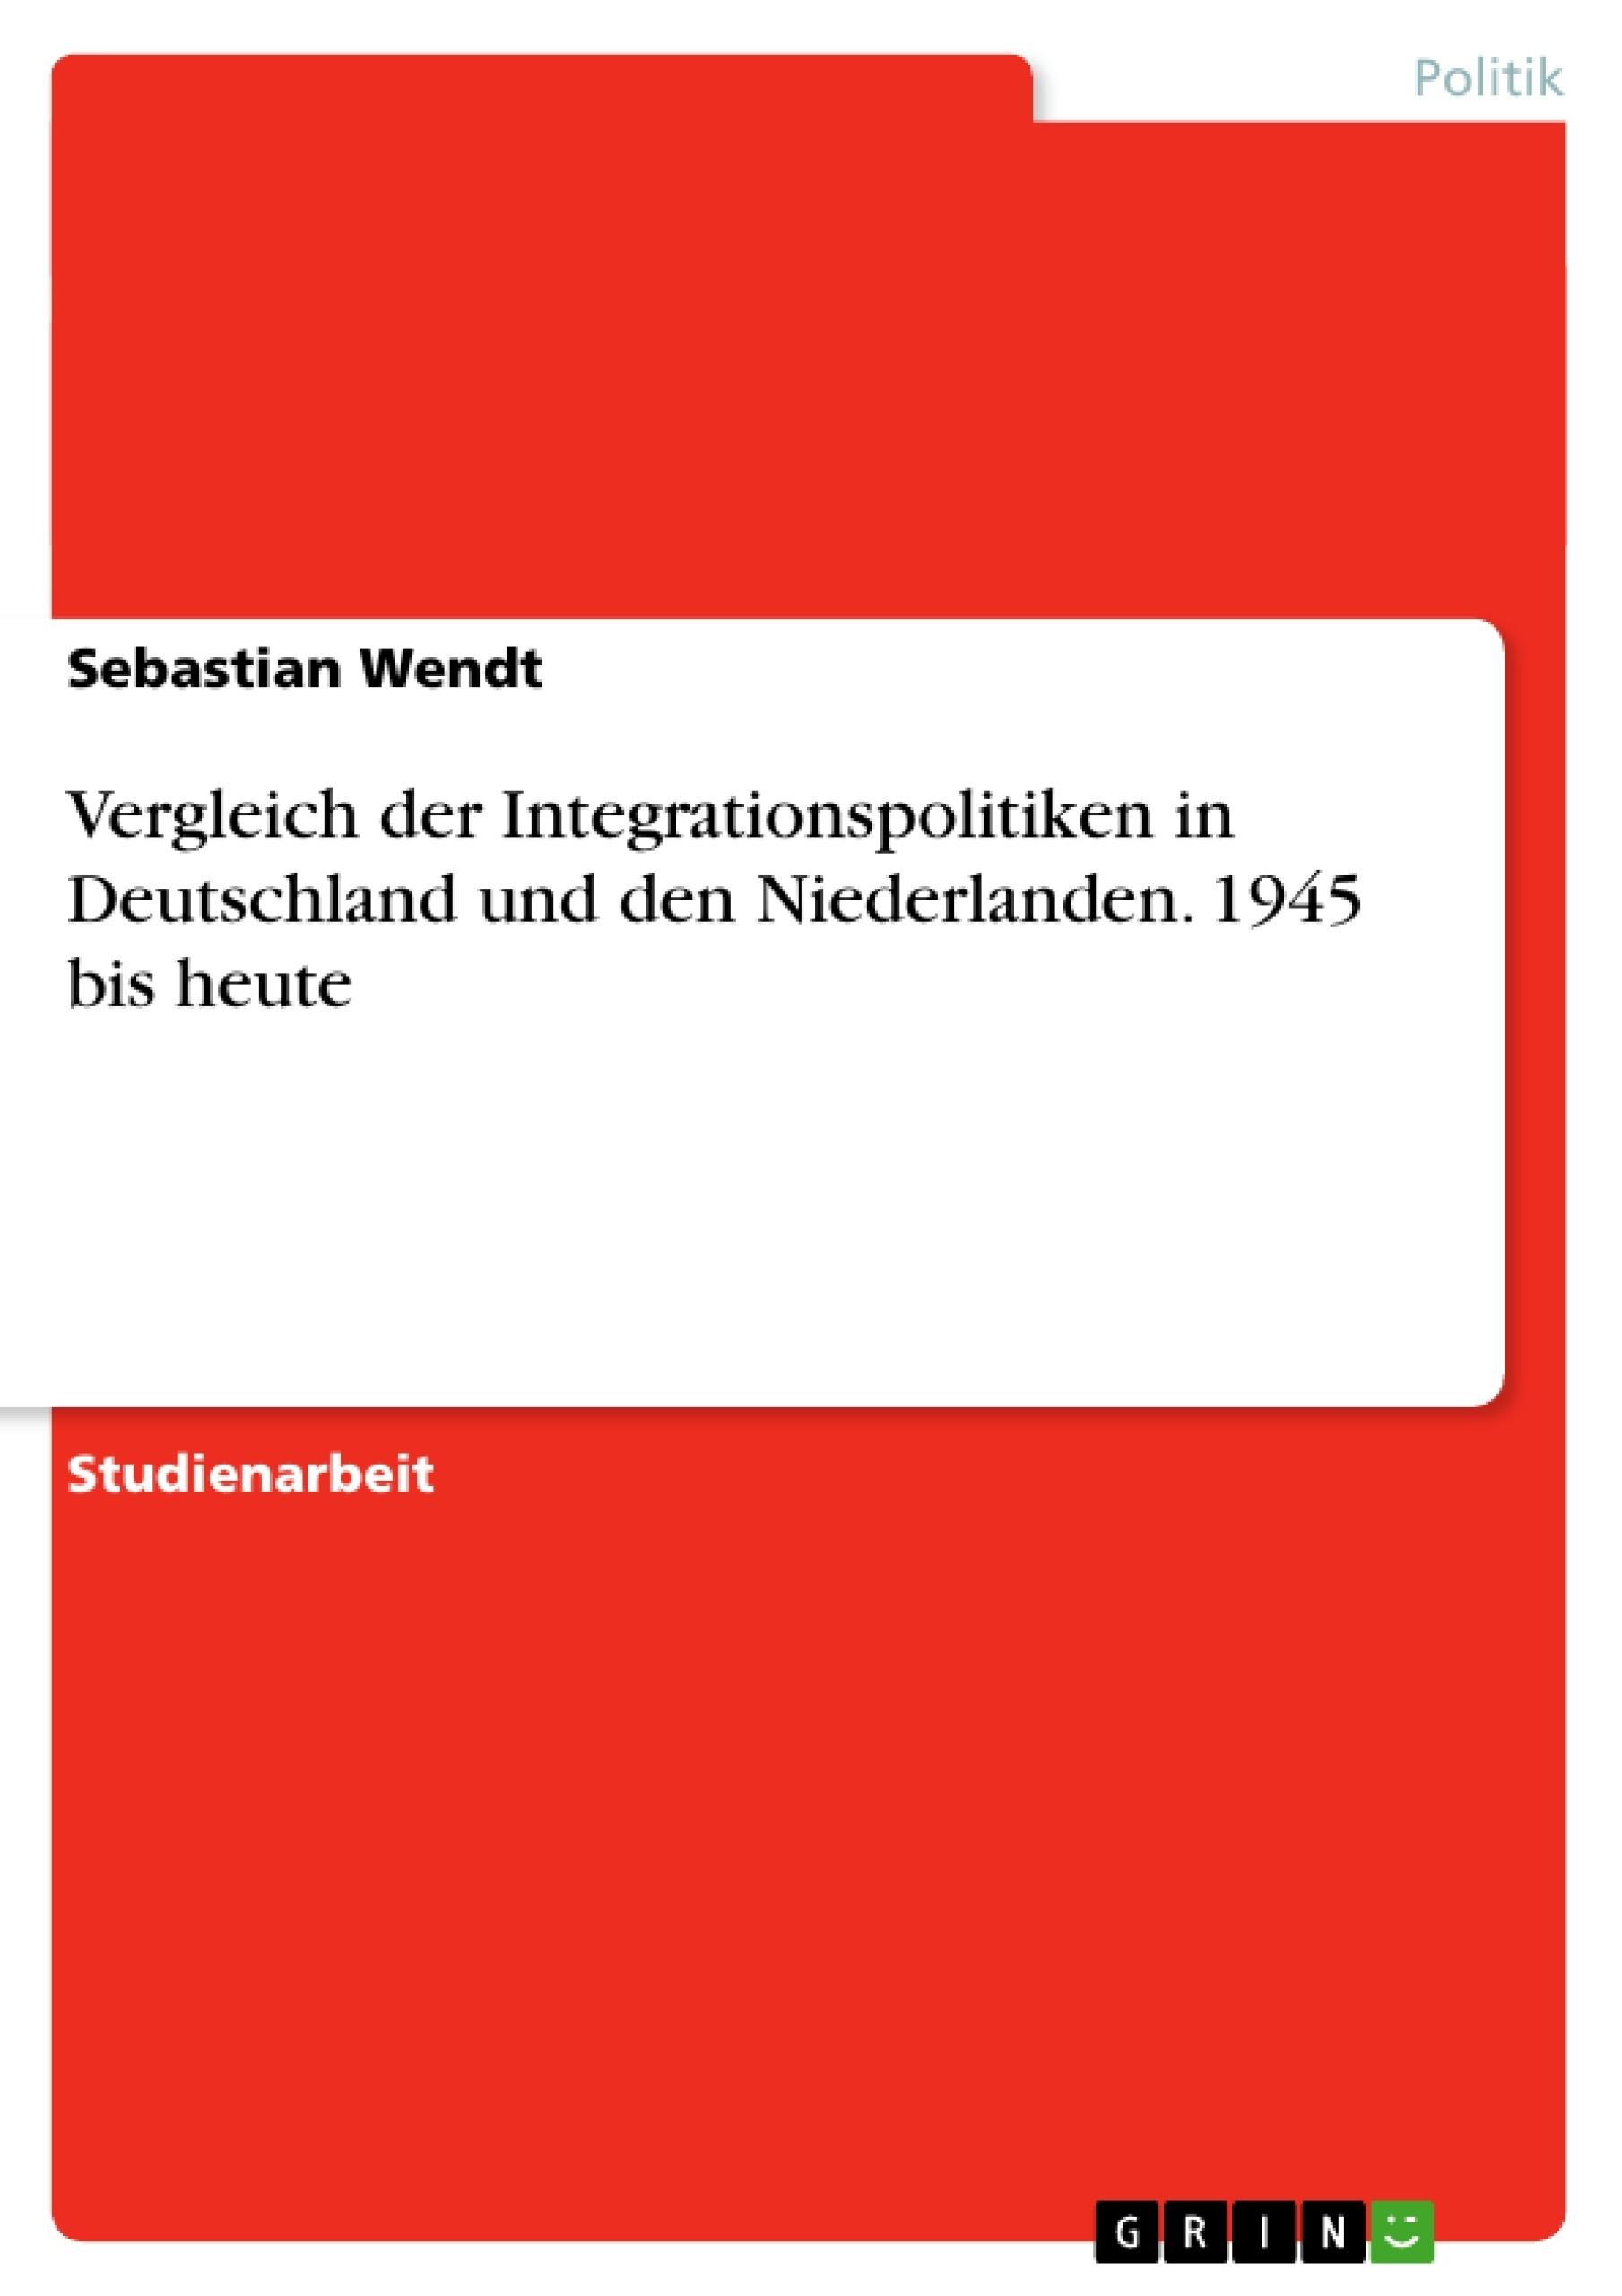 Titel: Vergleich der Integrationspolitiken in Deutschland und den Niederlanden. 1945 bis heute